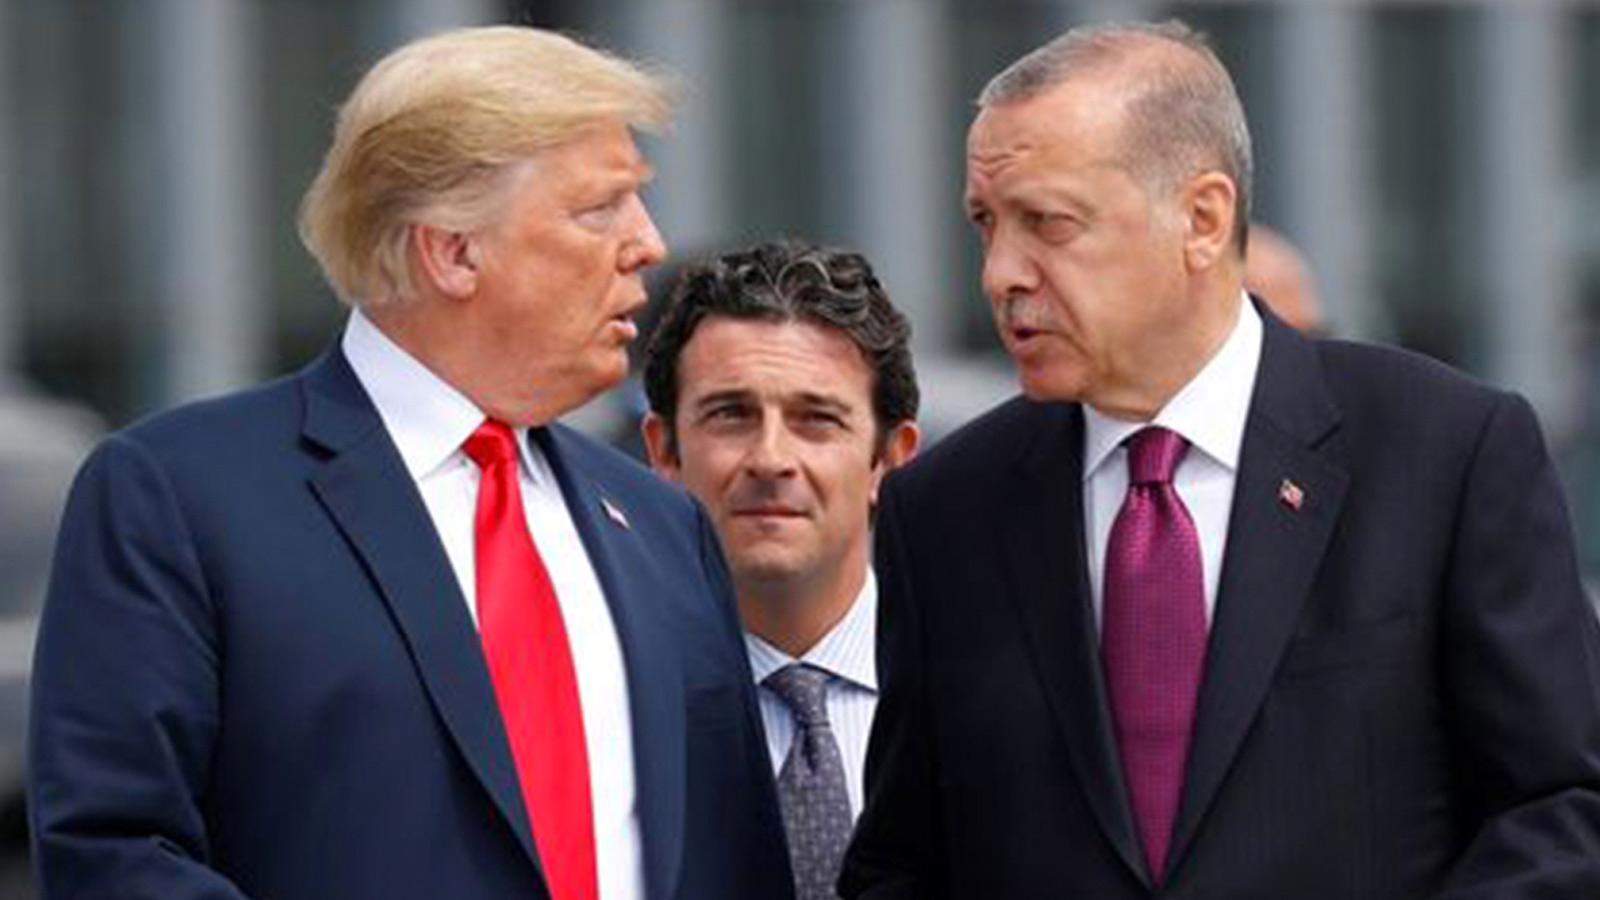 Trump'tan yeni açıklama: Erdoğan'a teşekkür ederim, milyonlarca hayat kurtarılacak